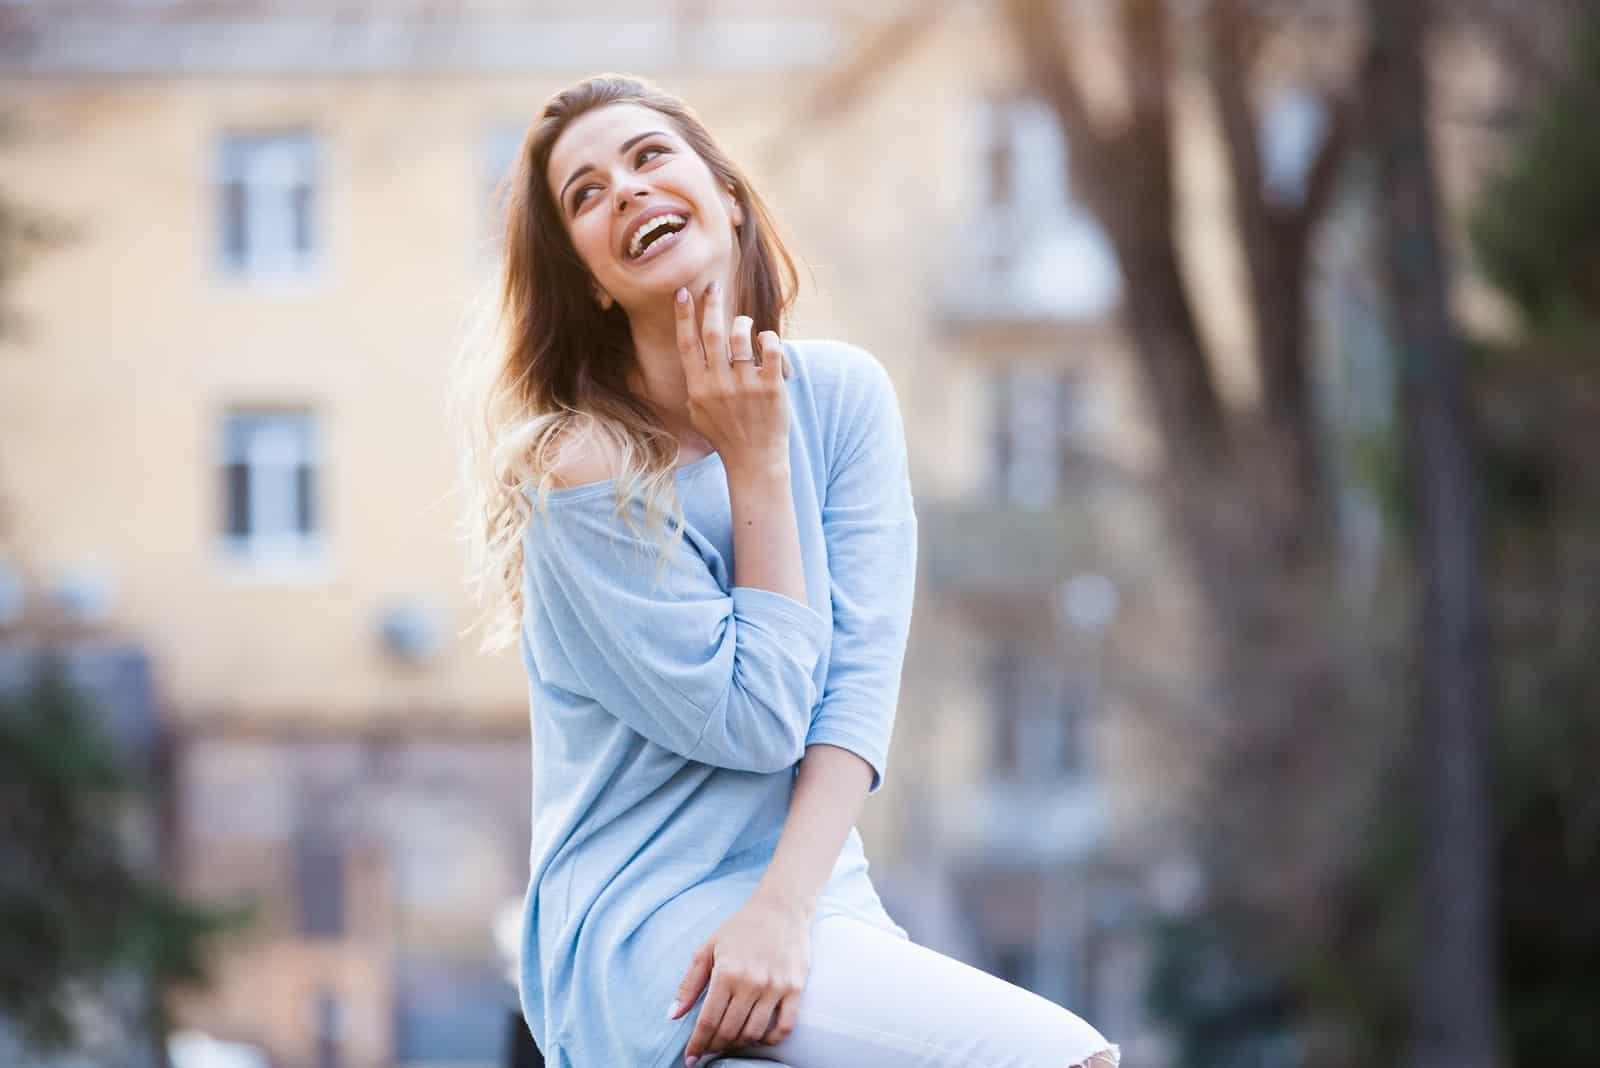 Portrait à l'extérieur de la belle jeune fille en riant